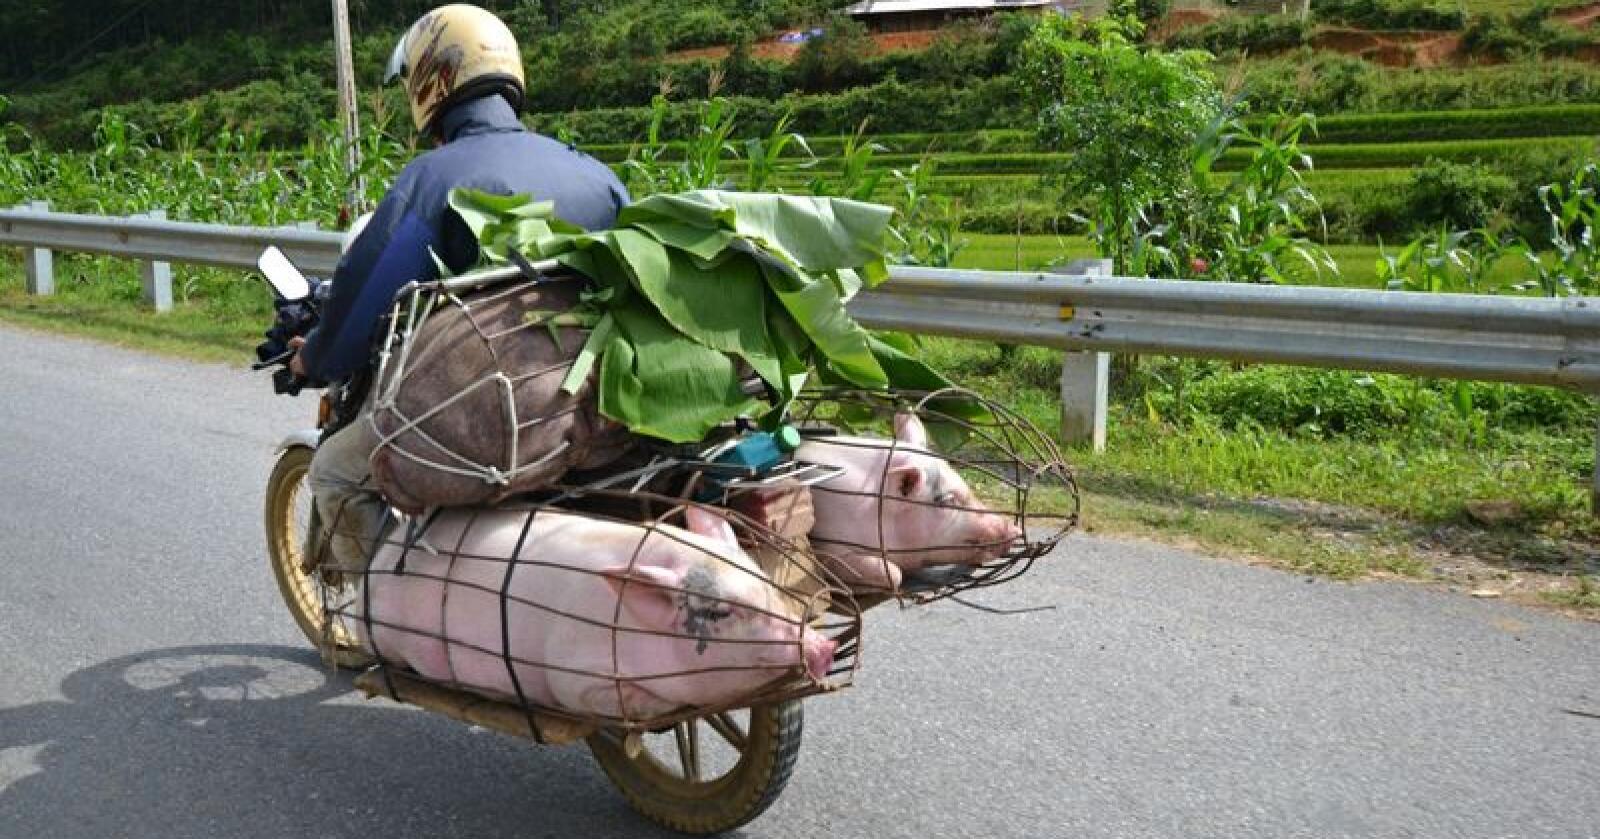 Afrikansk svinepest har ført til at millioner av asiatiske griser er omkommet eller blitt avlivet. Denne måneden er det ett år siden sykdommen først ble oppdaget i Asia. På bildet fraktes svin i Vietnam, et av landene som er blitt aller hardest rammet. Illustrasjonsfoto: Shutterstock